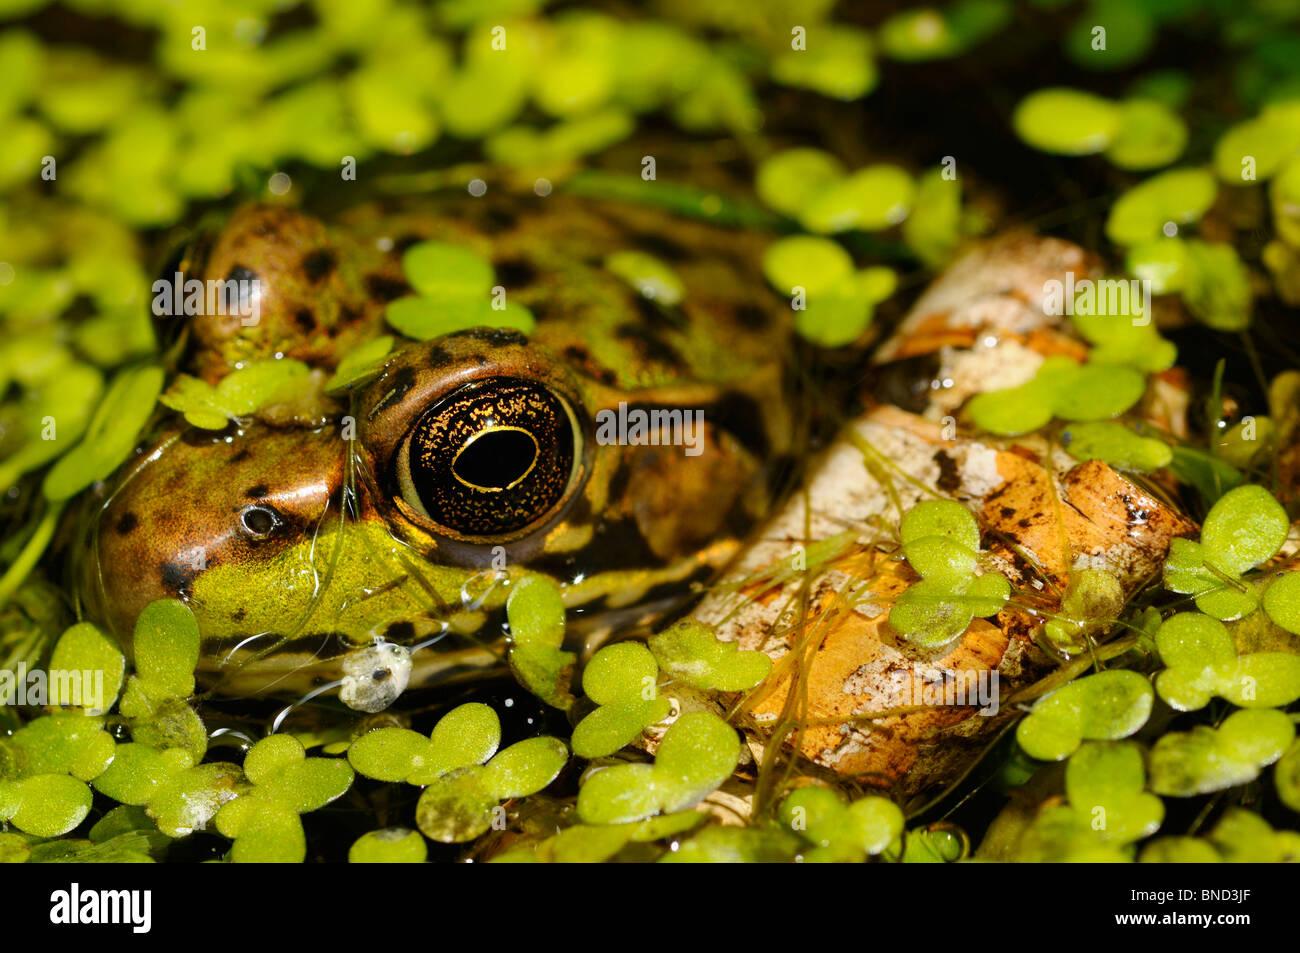 Close up d'un visage et des yeux de grenouille verte flottant dans un étang parmi les mauvaises herbes canard Banque D'Images